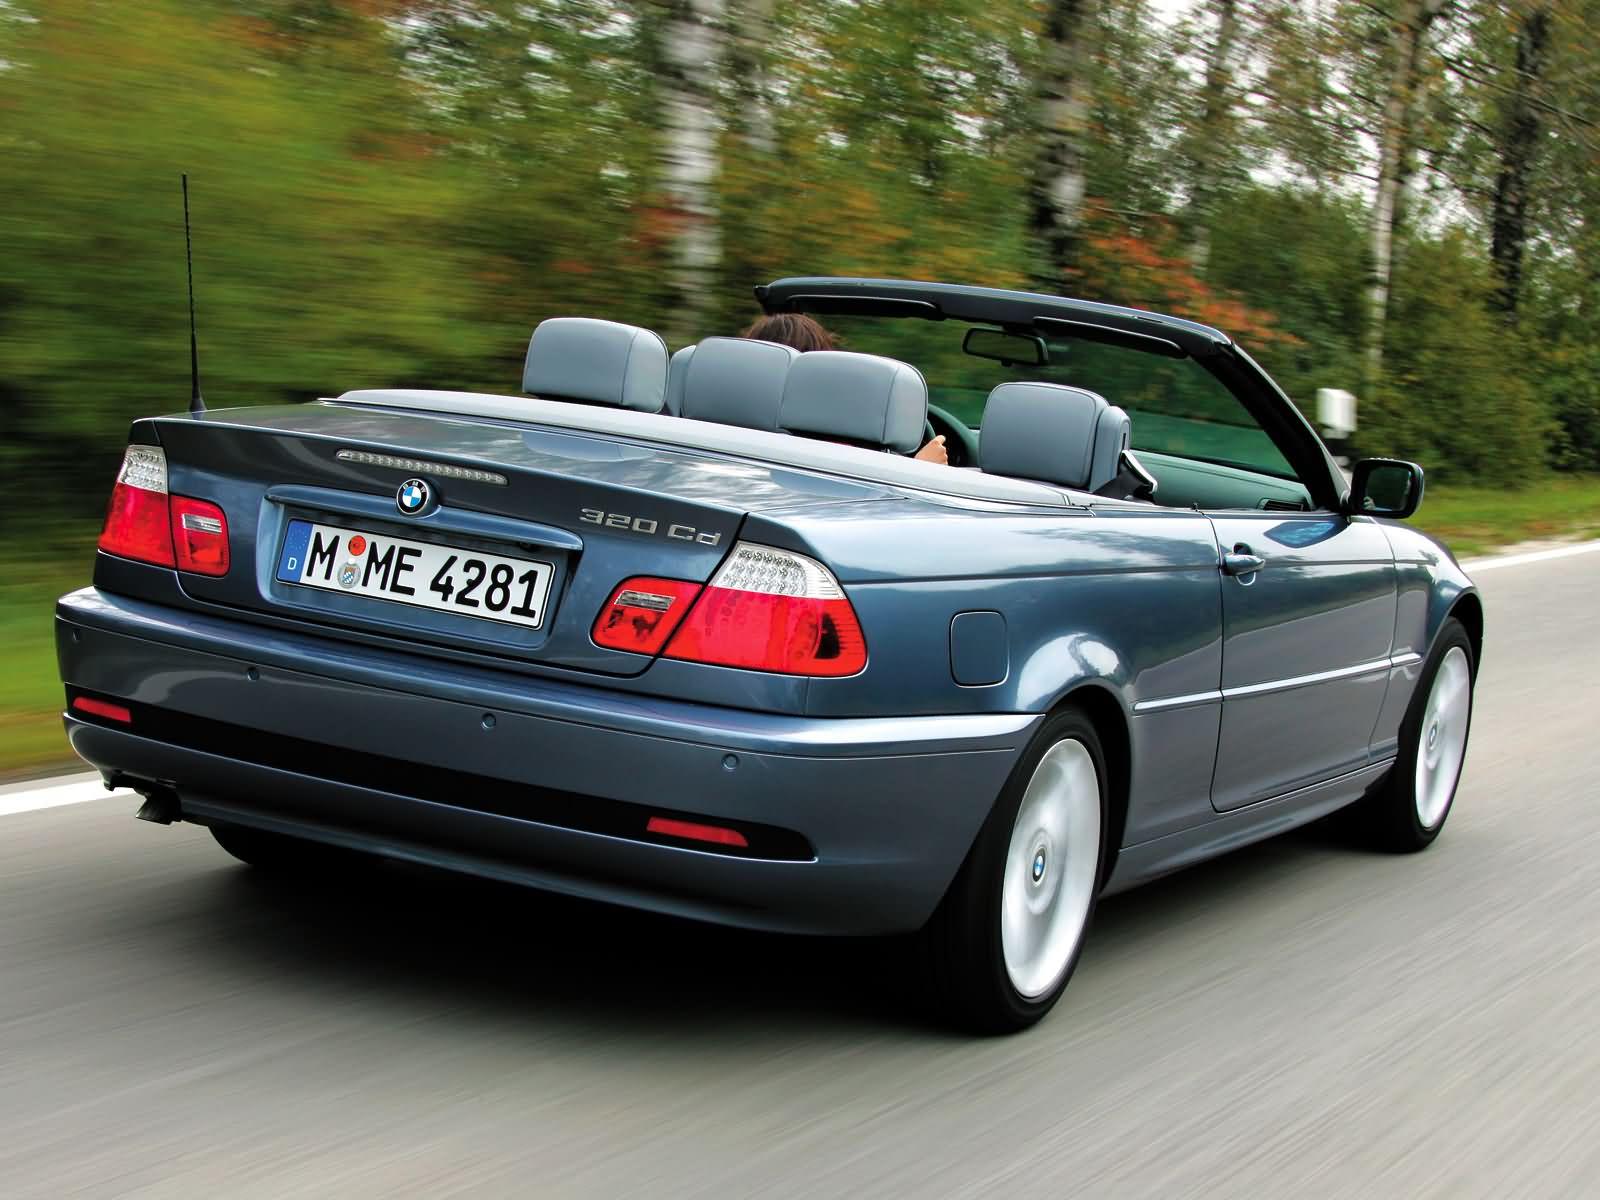 BMW-Serie-3-E46-Cabriomet.jpg